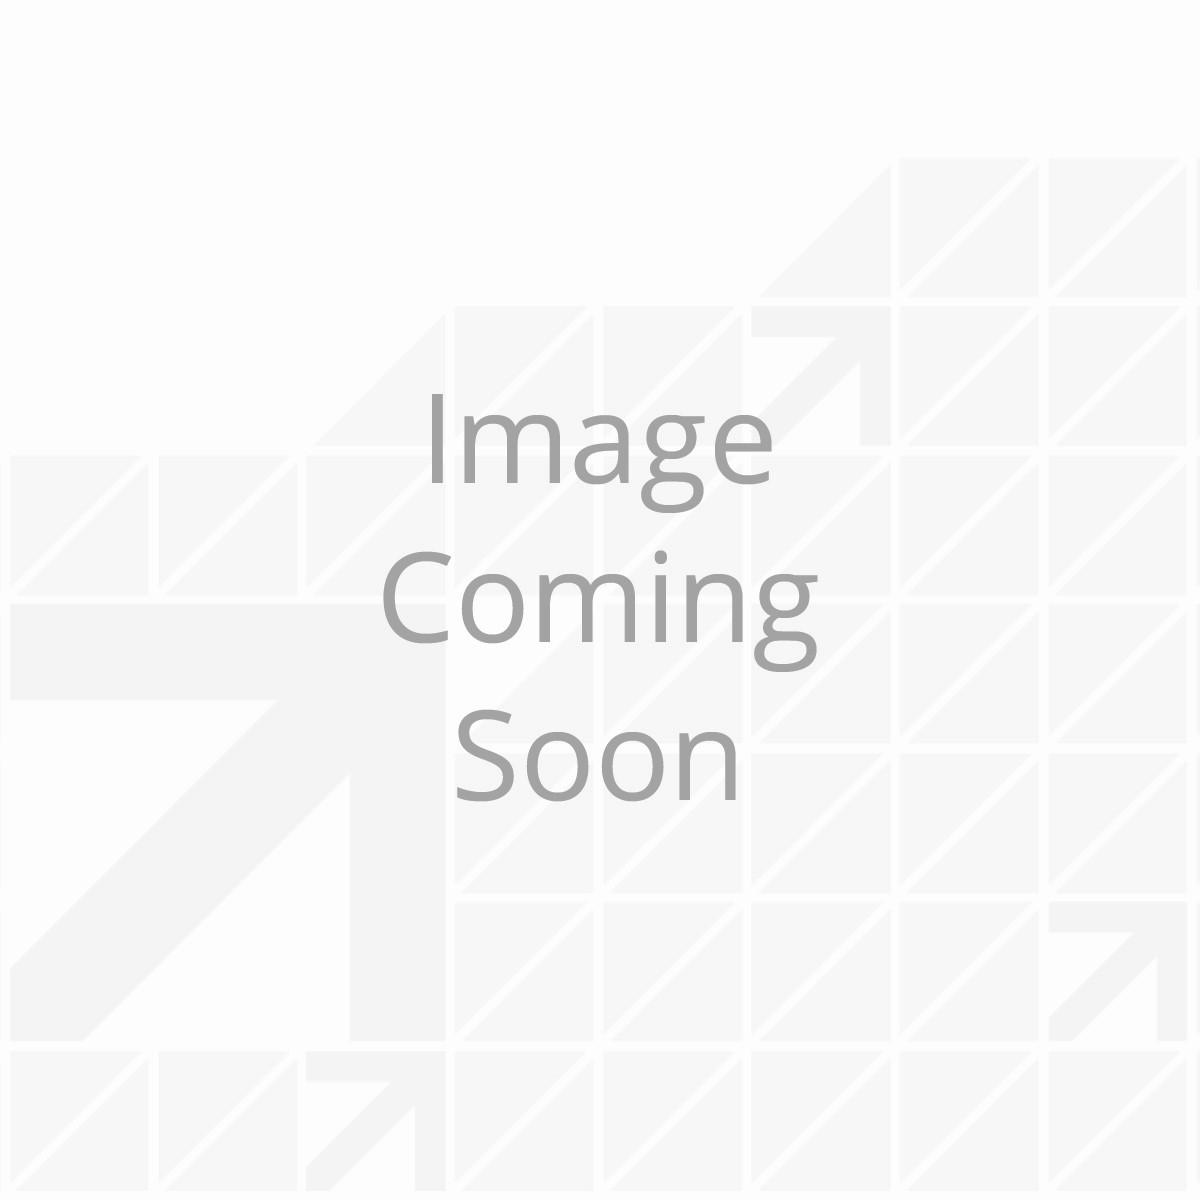 Thomas Payne® Mattress Protector - Narrow King